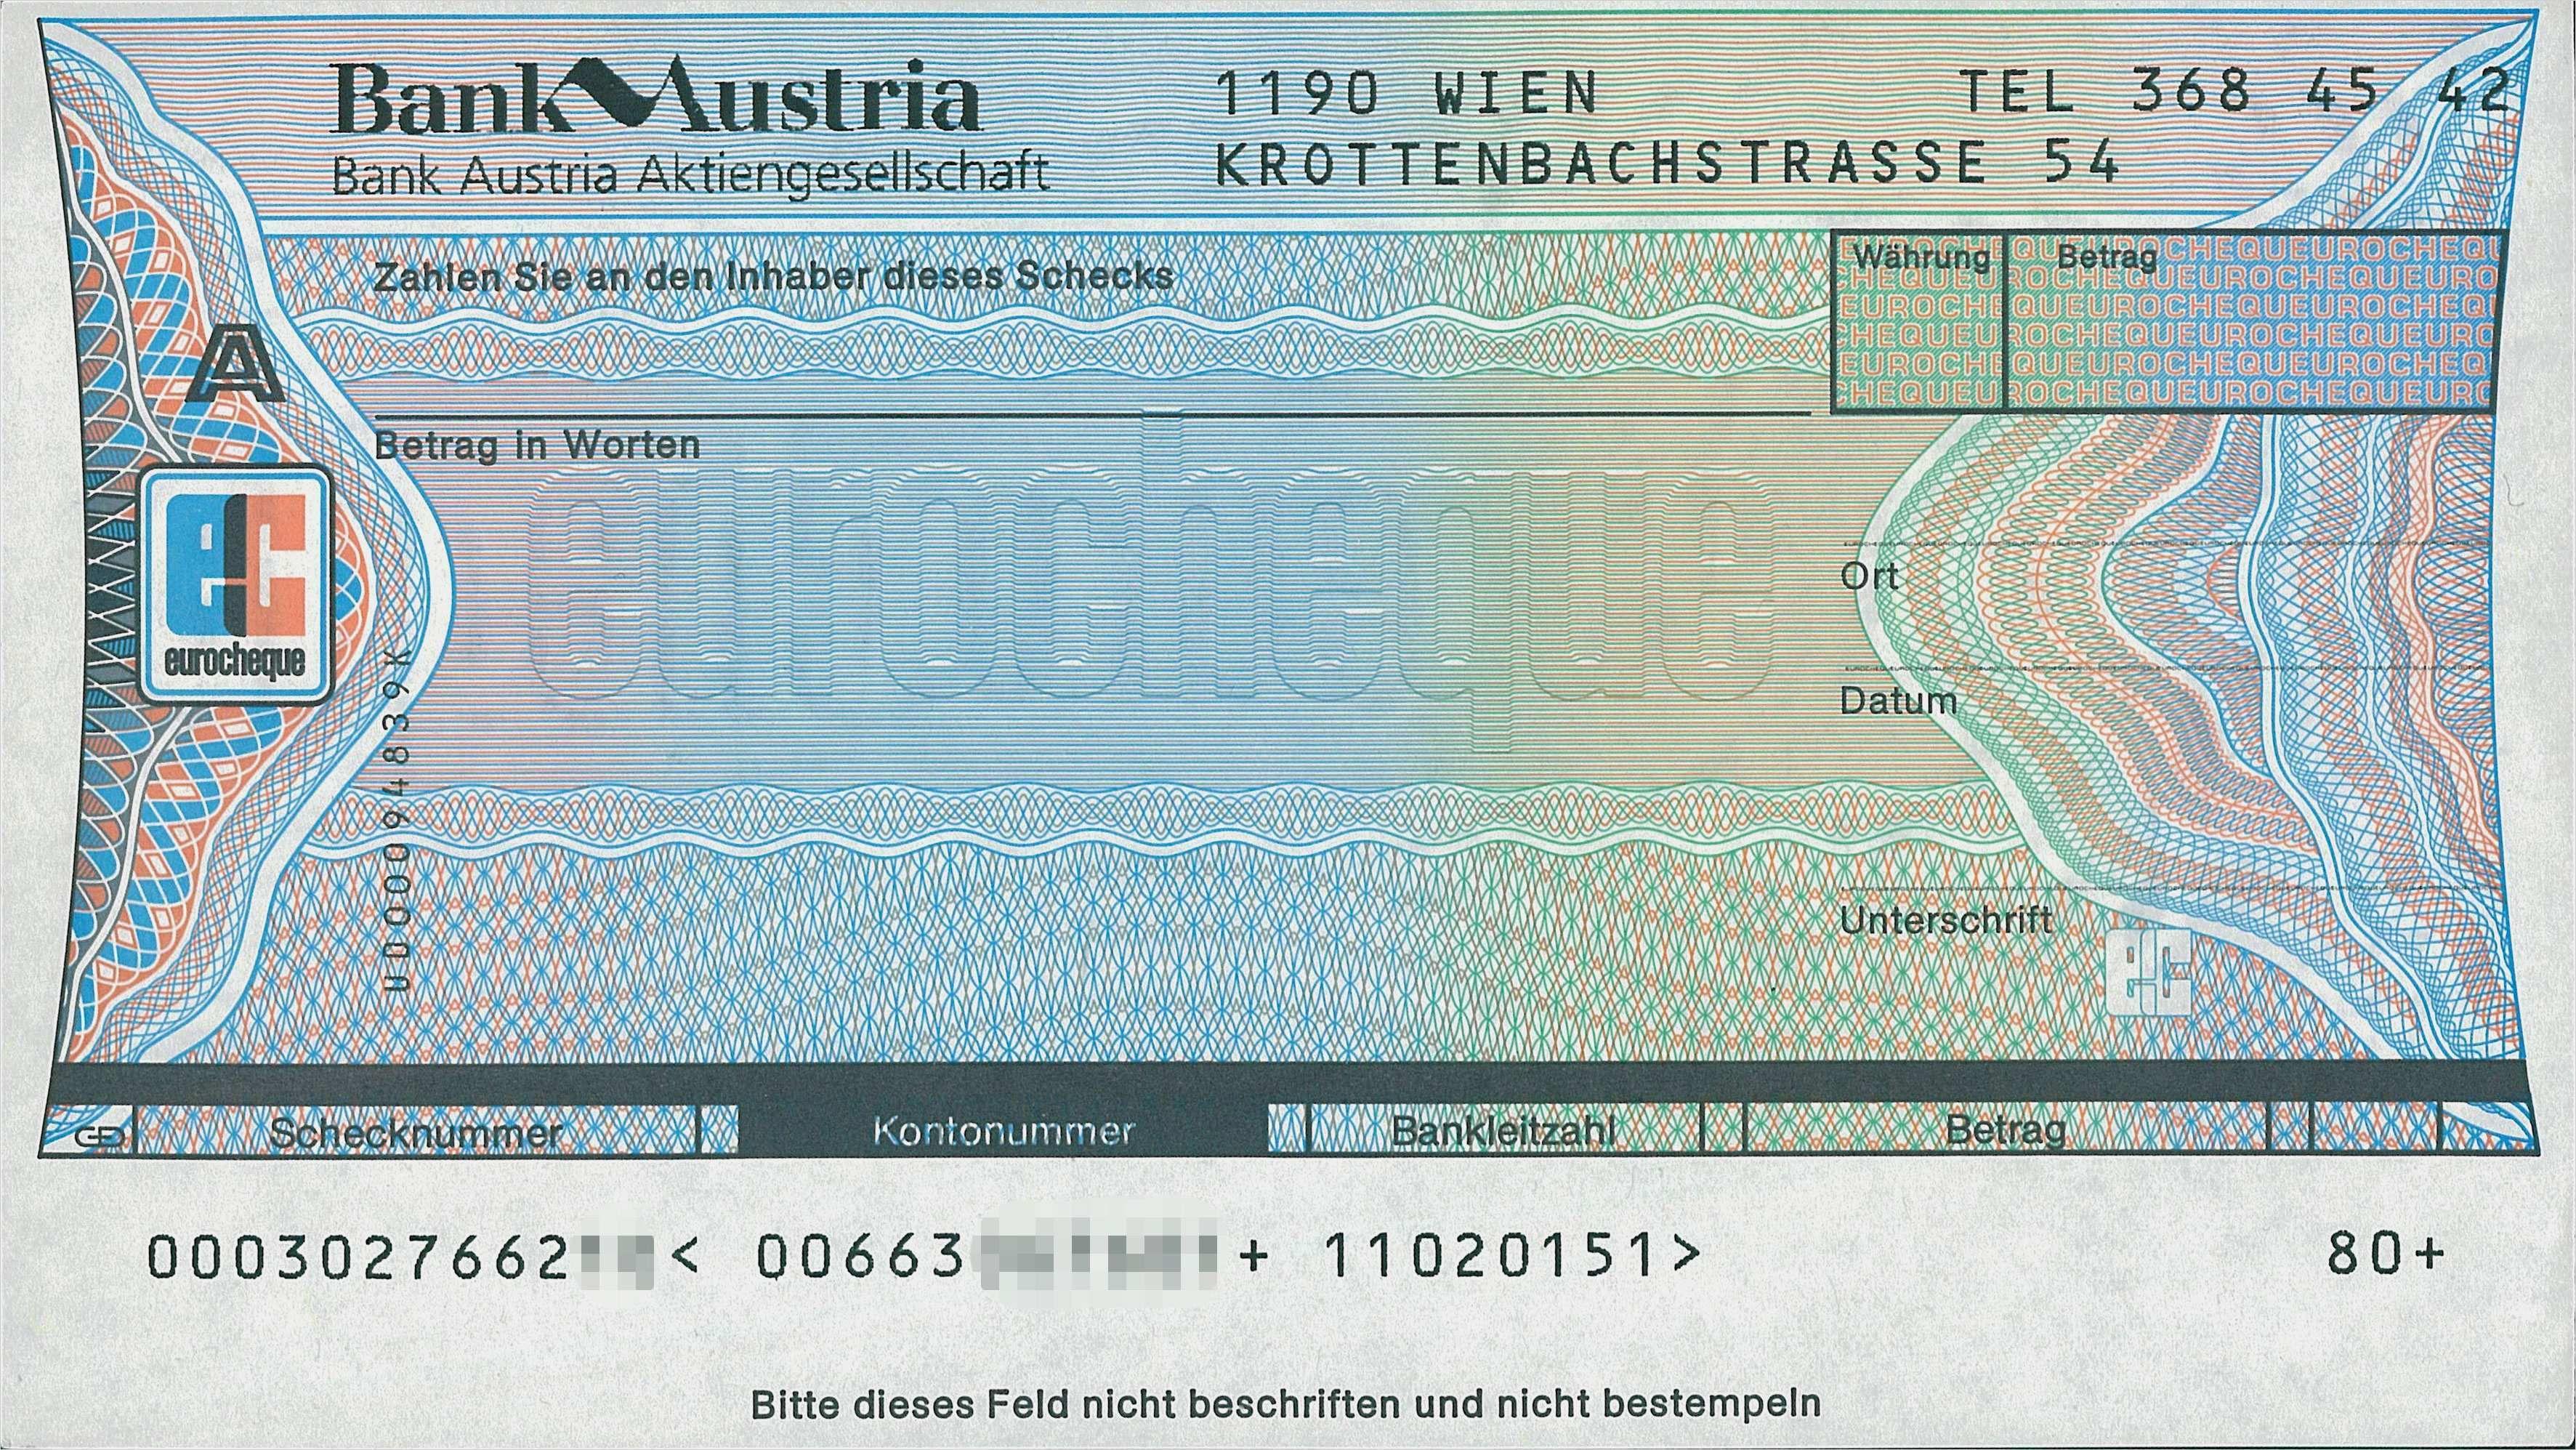 Sparkasse Spendenscheck Pr Scheck Bankenscheck 1